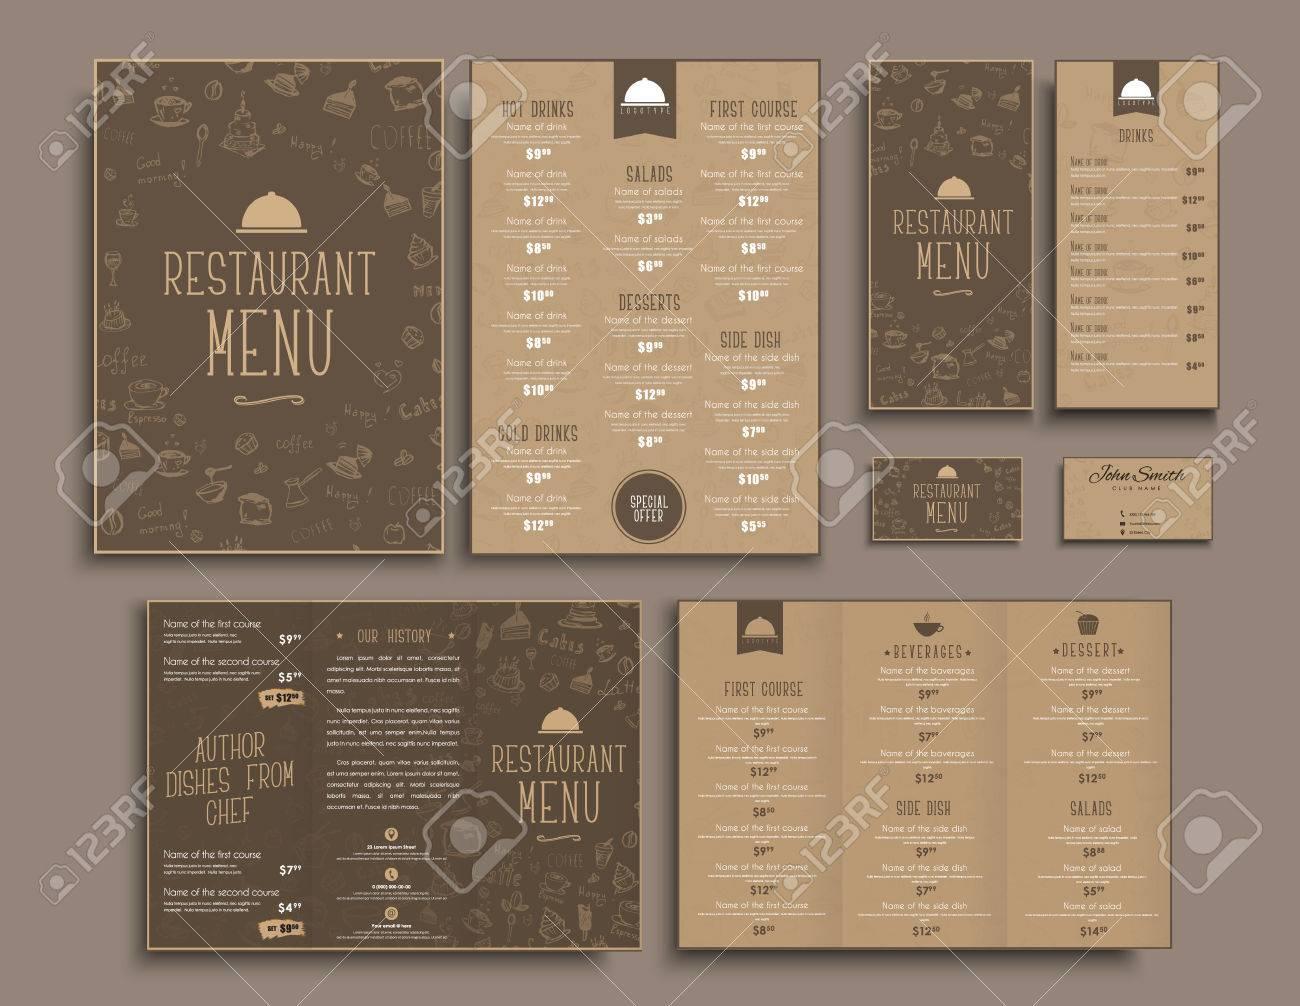 Conception De Menus A4 Brochures Depliants Et Cartes Visite Pliables Pour Un Restaurant Ou Cafe Les Modeles Dans Style Retro Marron